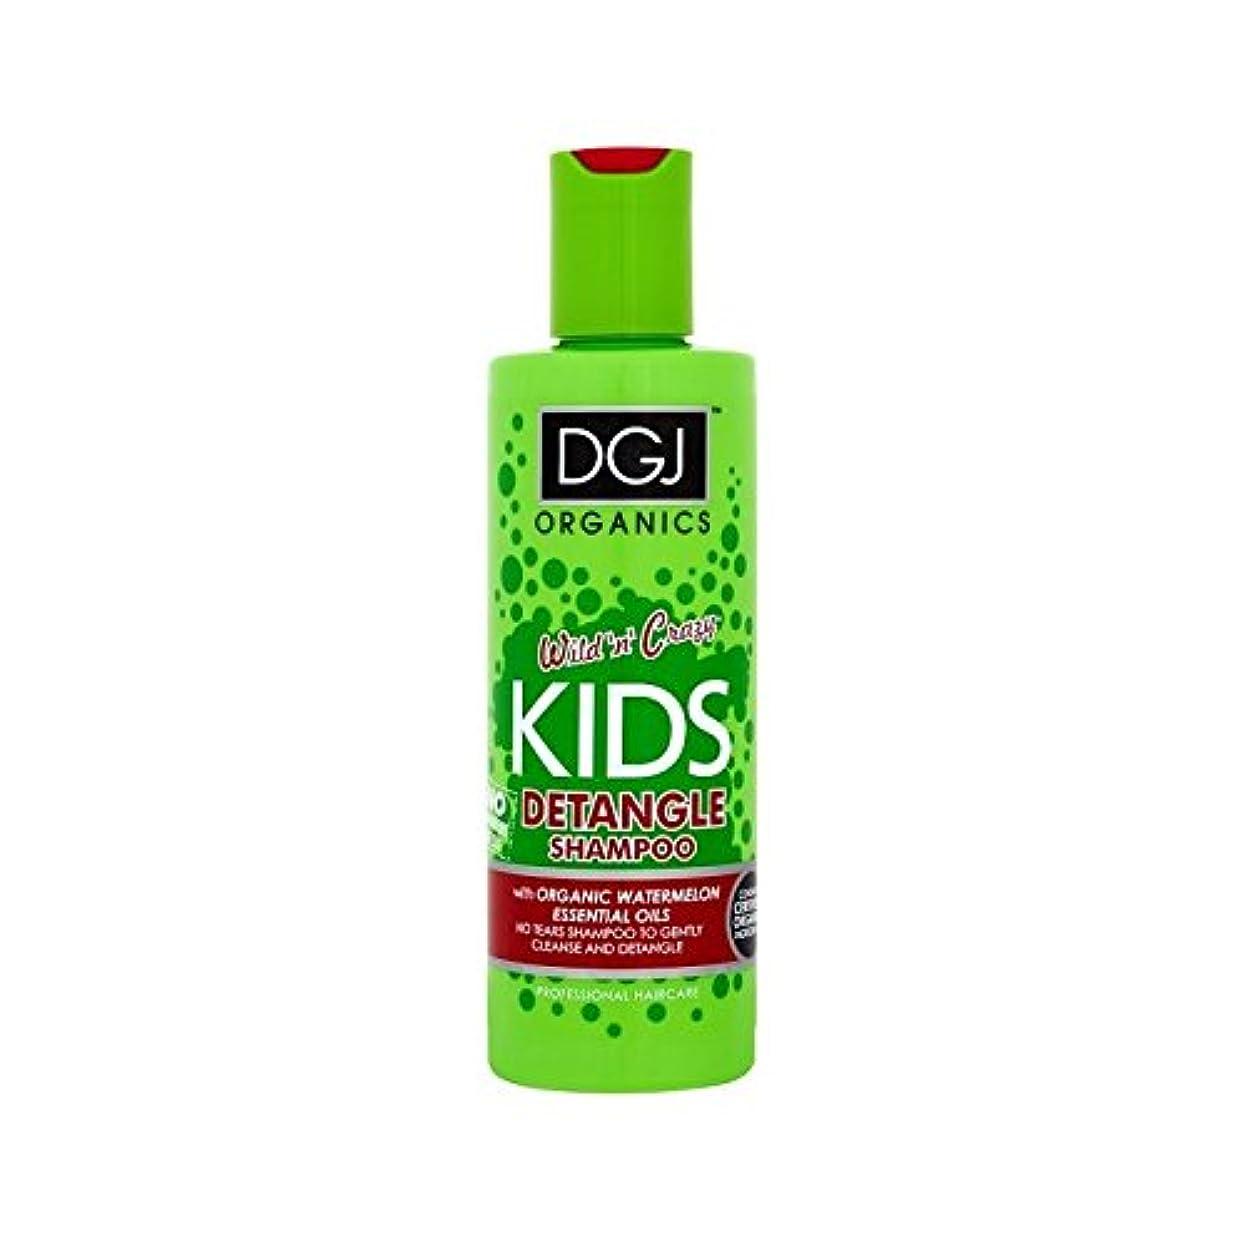 貢献するアパル保証金Dgj子供たちはシャンプー250ミリリットルをもつれ解除スイカ (DGJ Organics) - DGJ Kids Watermelon Detangling Shampoo 250ml [並行輸入品]